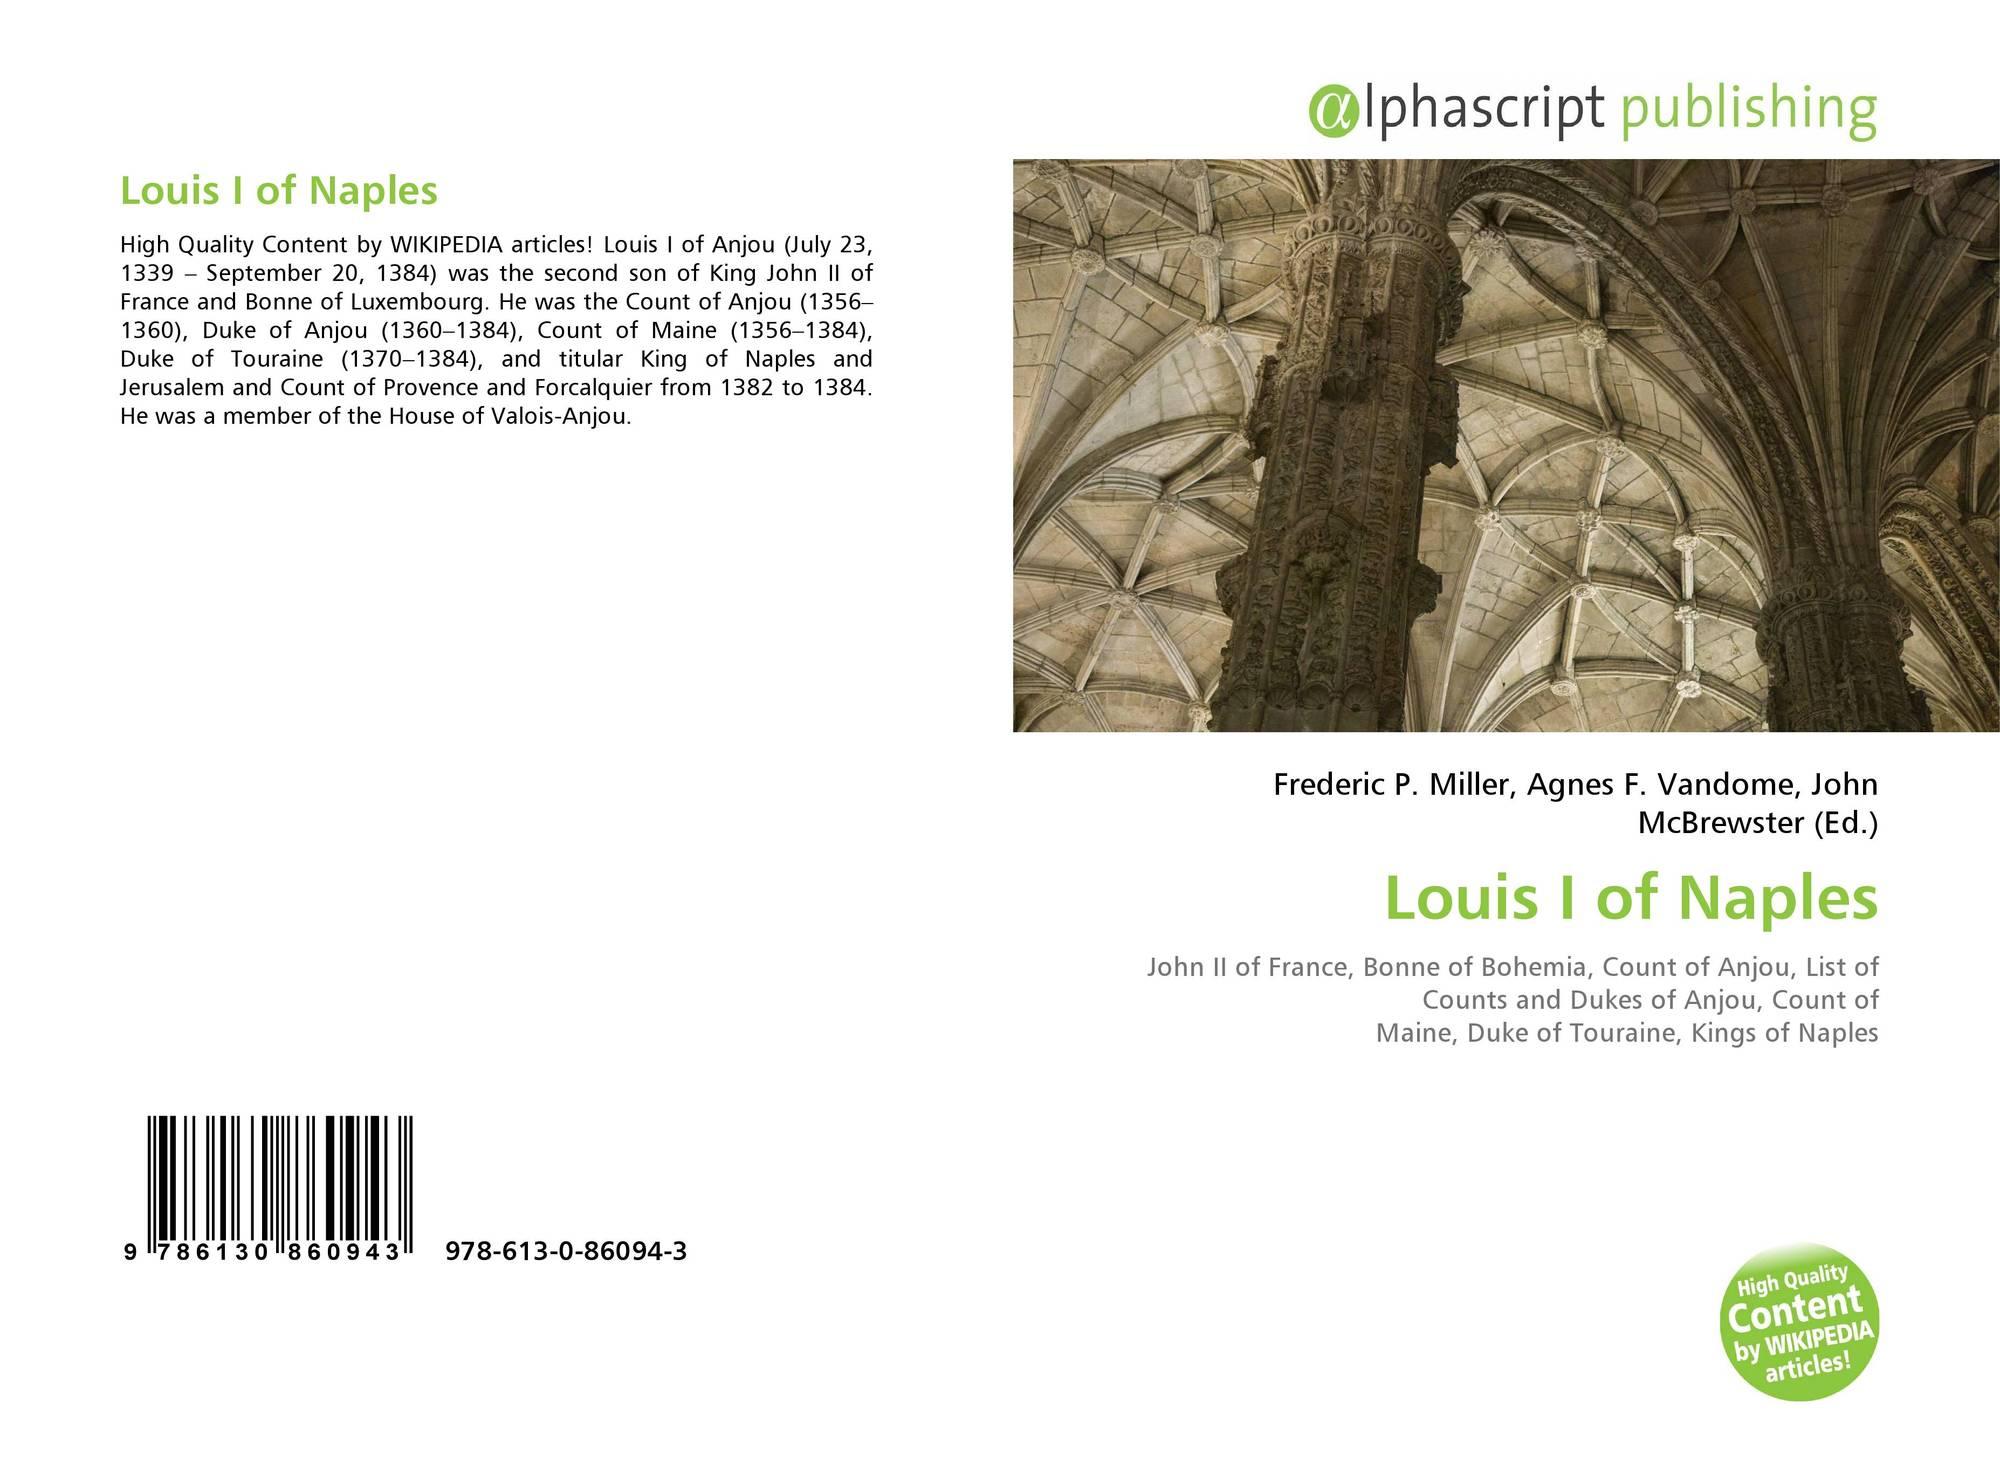 Resultados de la búsqueda por Kahn, Louis I.